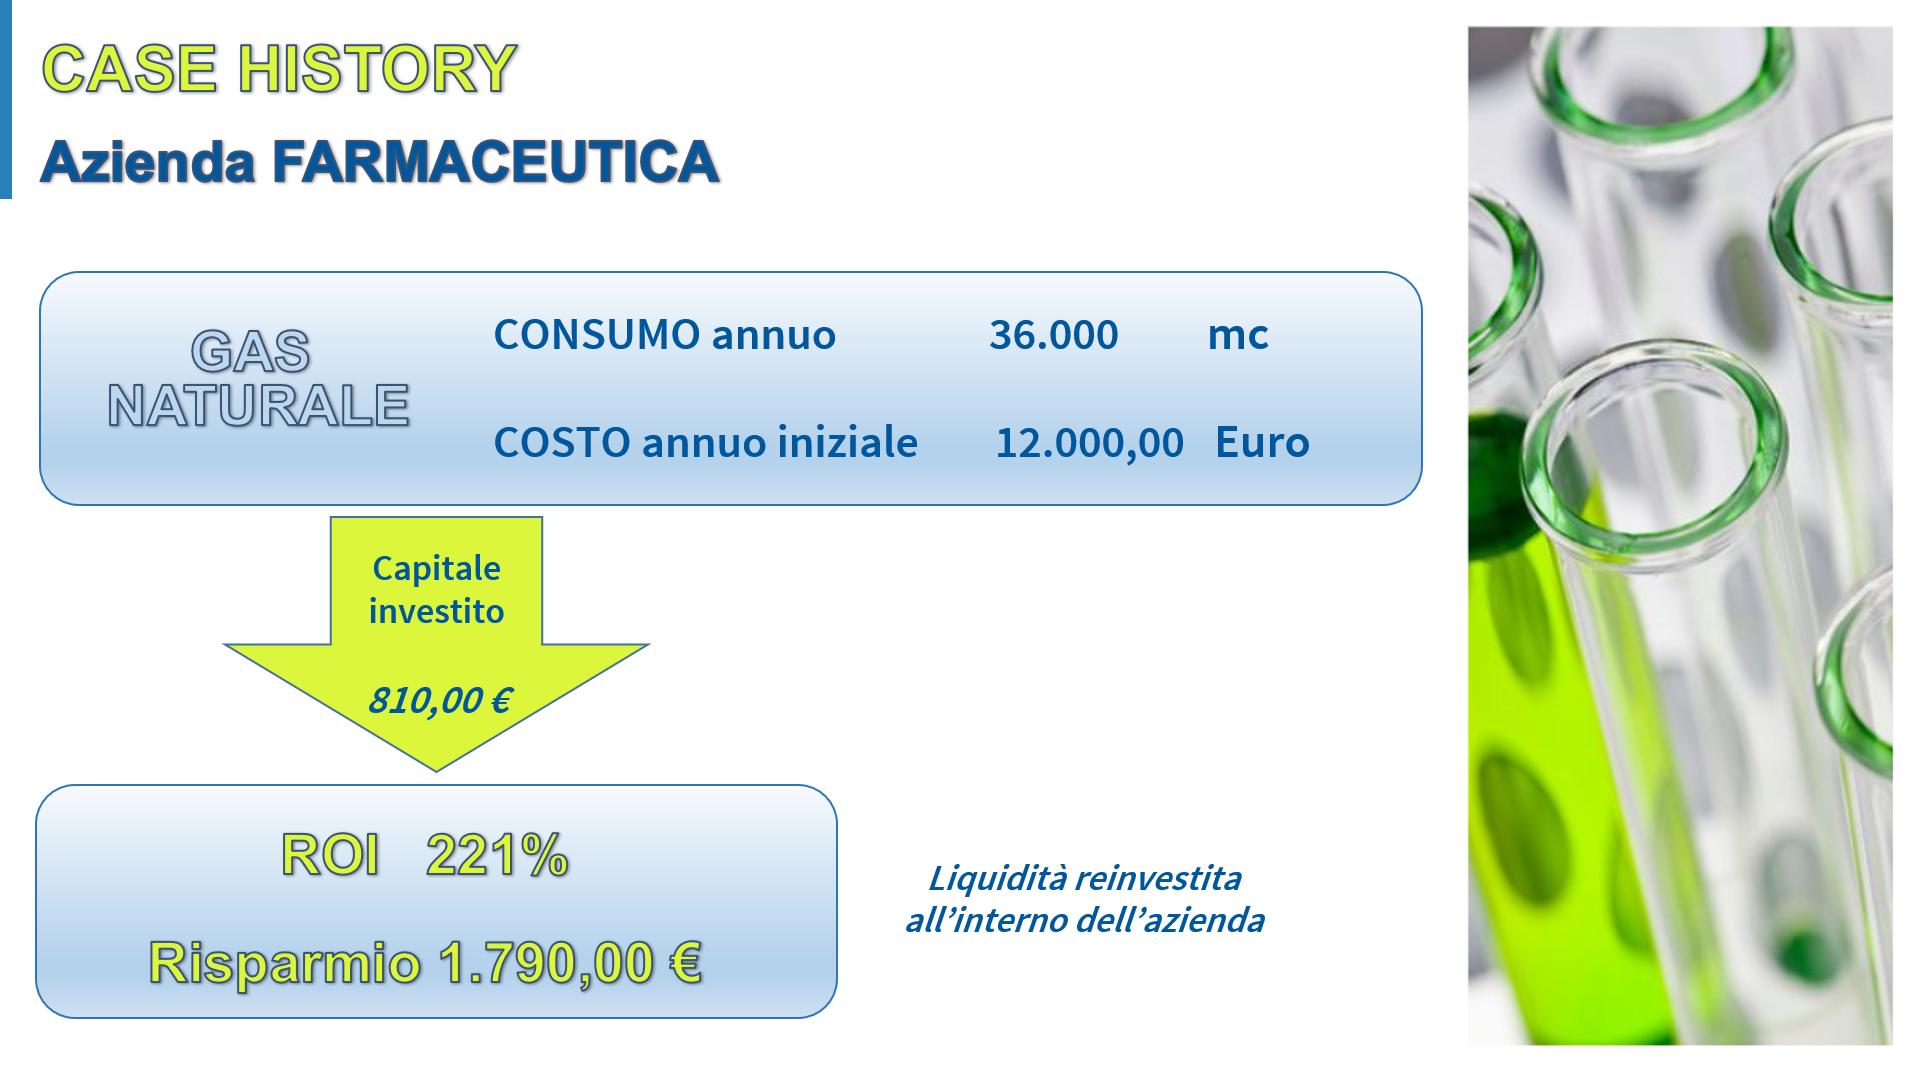 CASE HISTORY 7 – Azienda farmaceutica